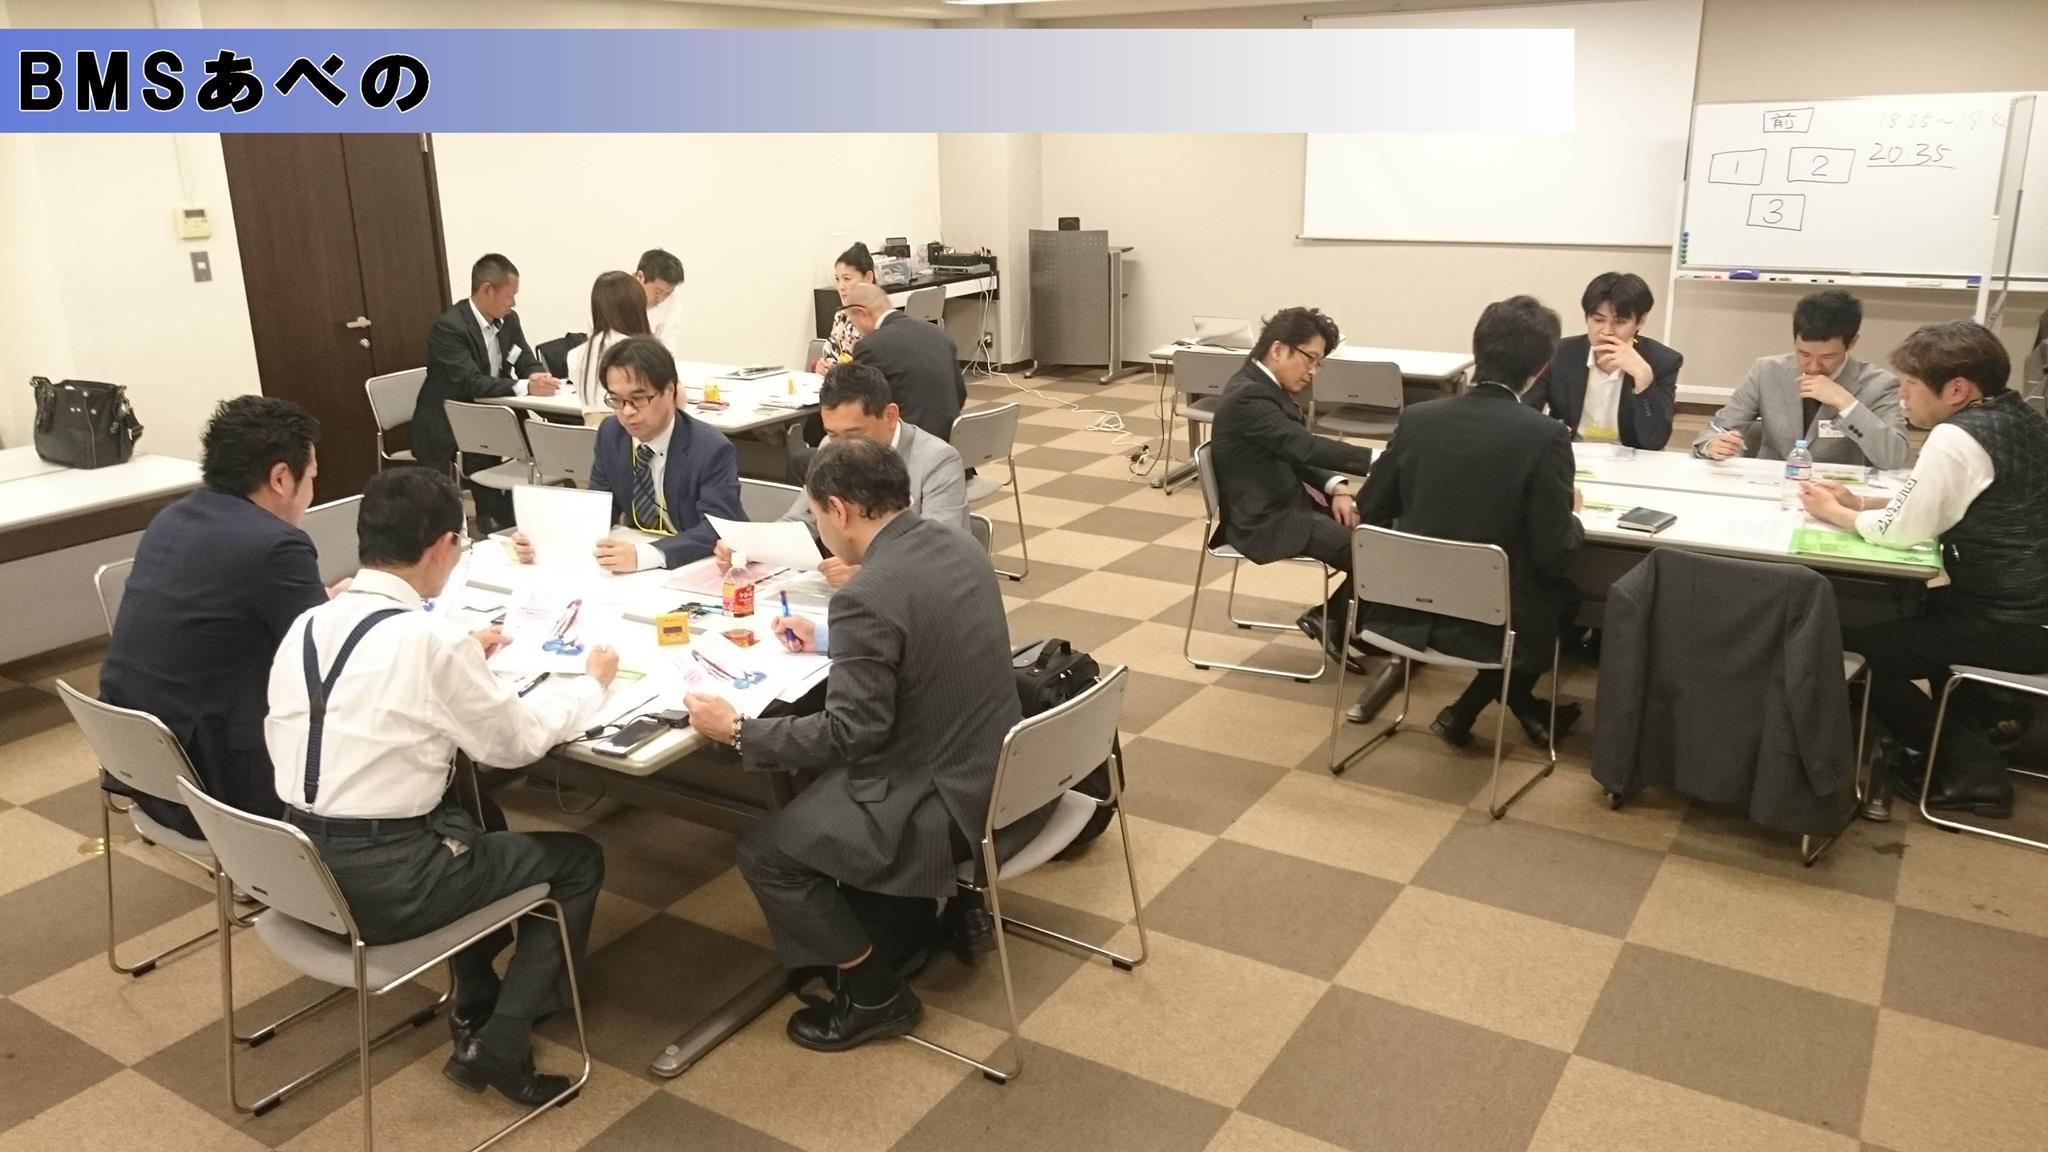 第12回リアルBMSあべの(ビジネスマッチングステージ)